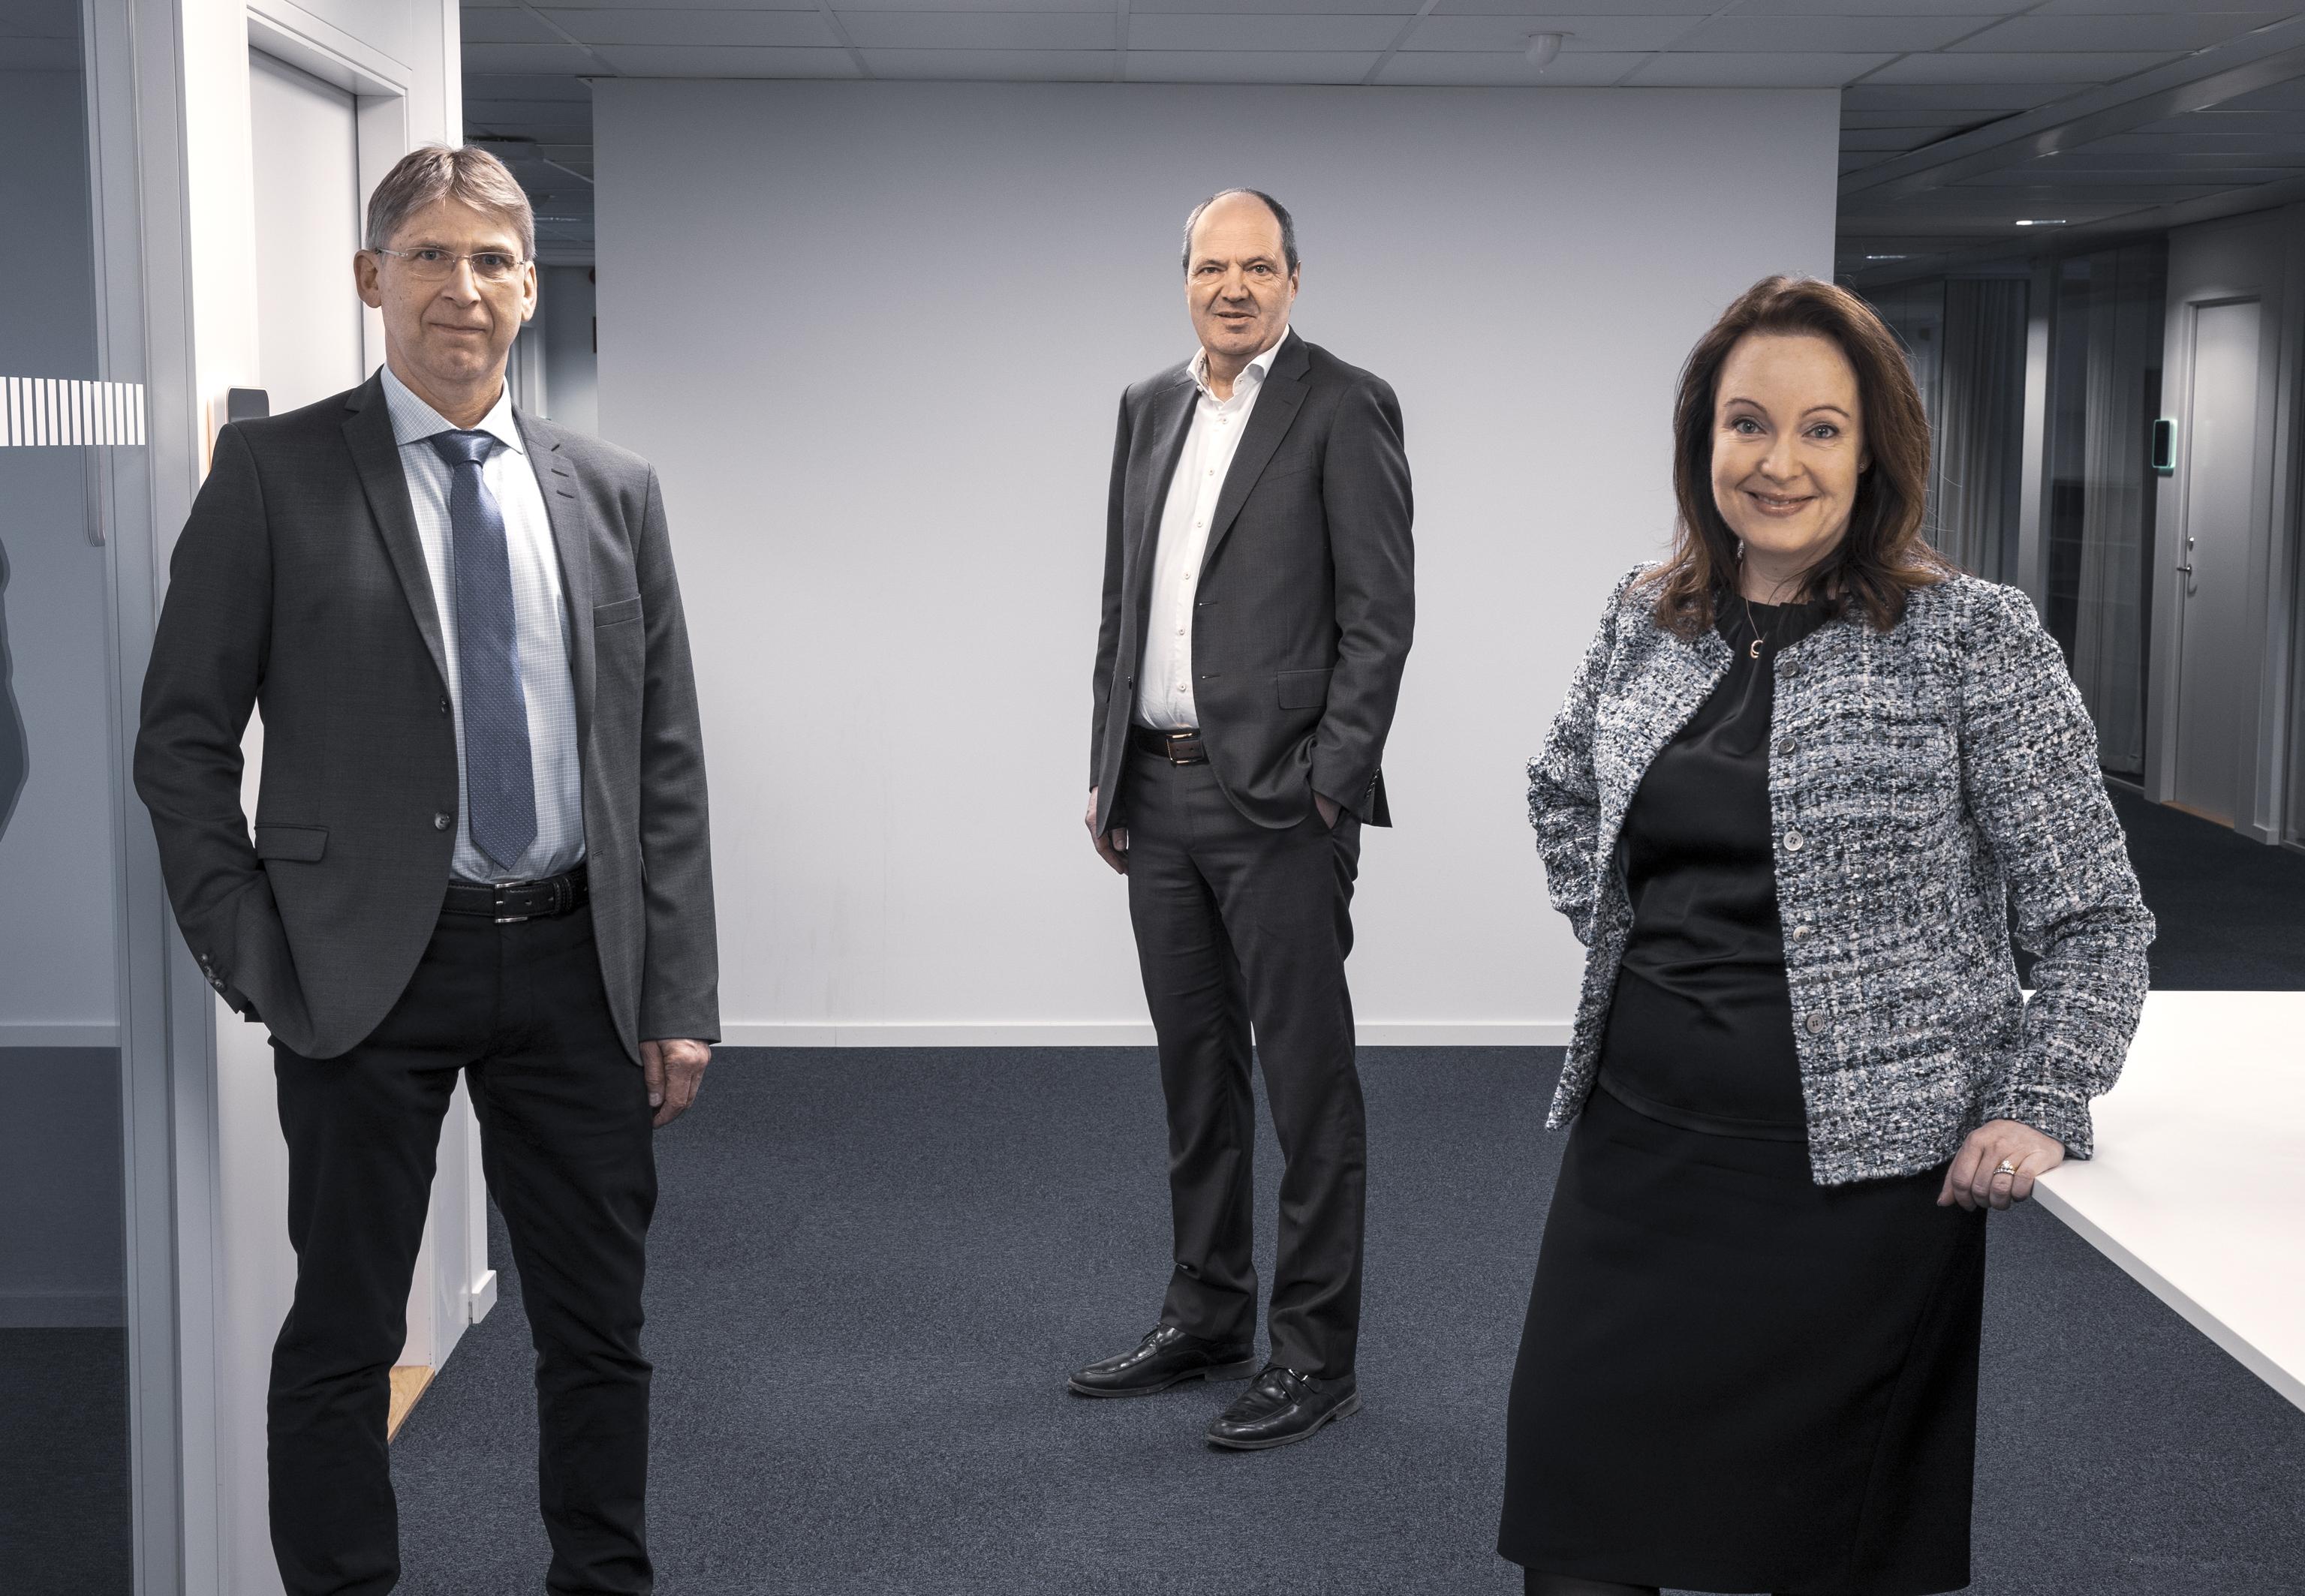 Picture CEOs